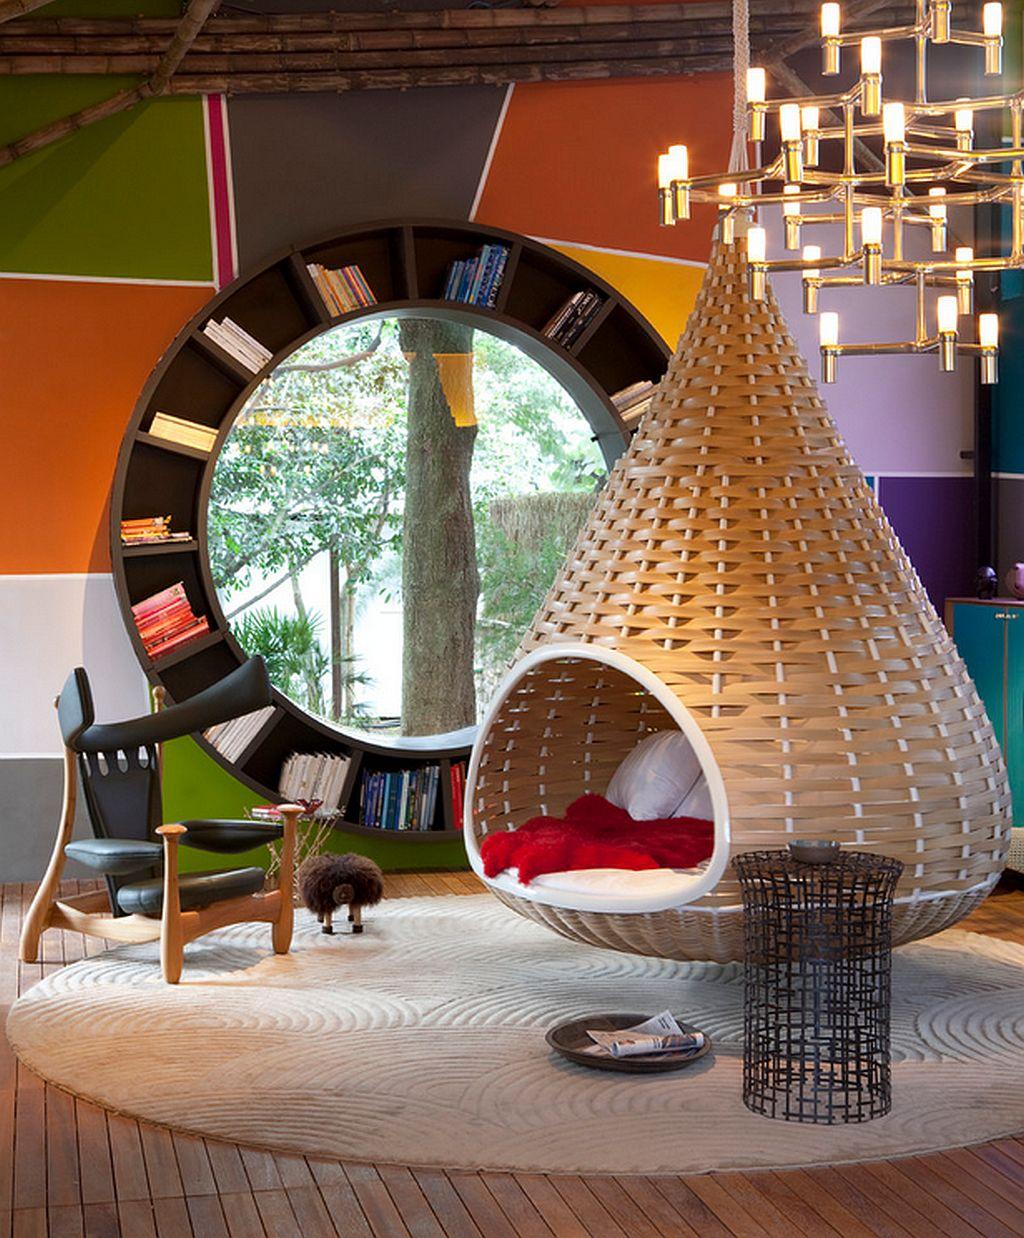 adelaparvu.com despre cabana urbana design Fabio Galeazzo (14)